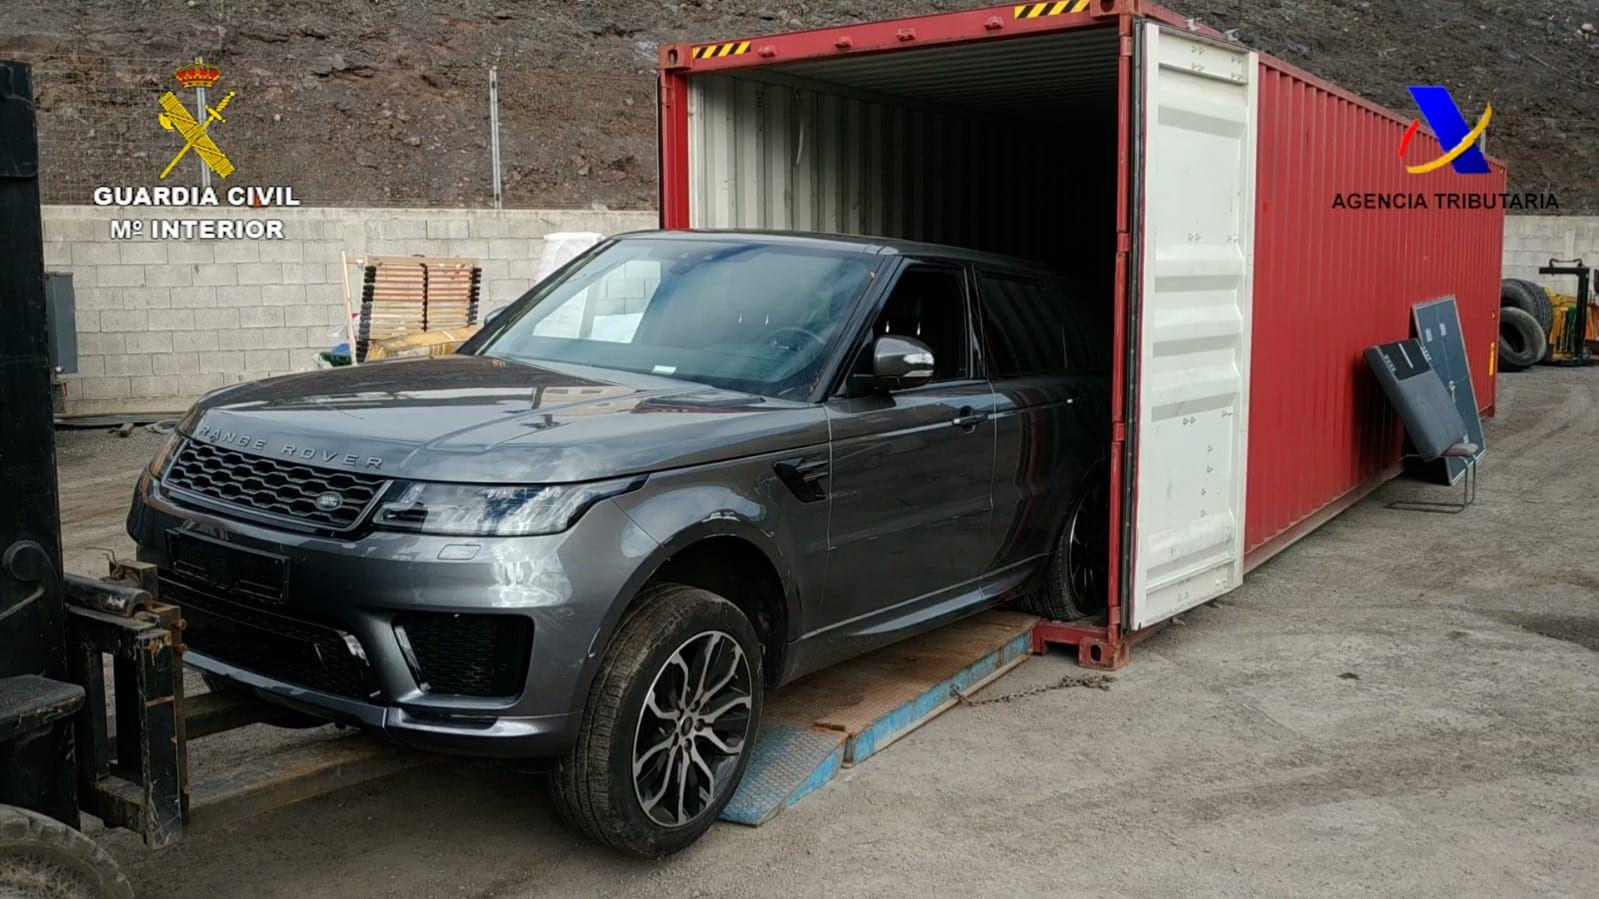 La Guardia Civil recupera en el Puerto de la Luz dos vehículos sustraídos en Alemania